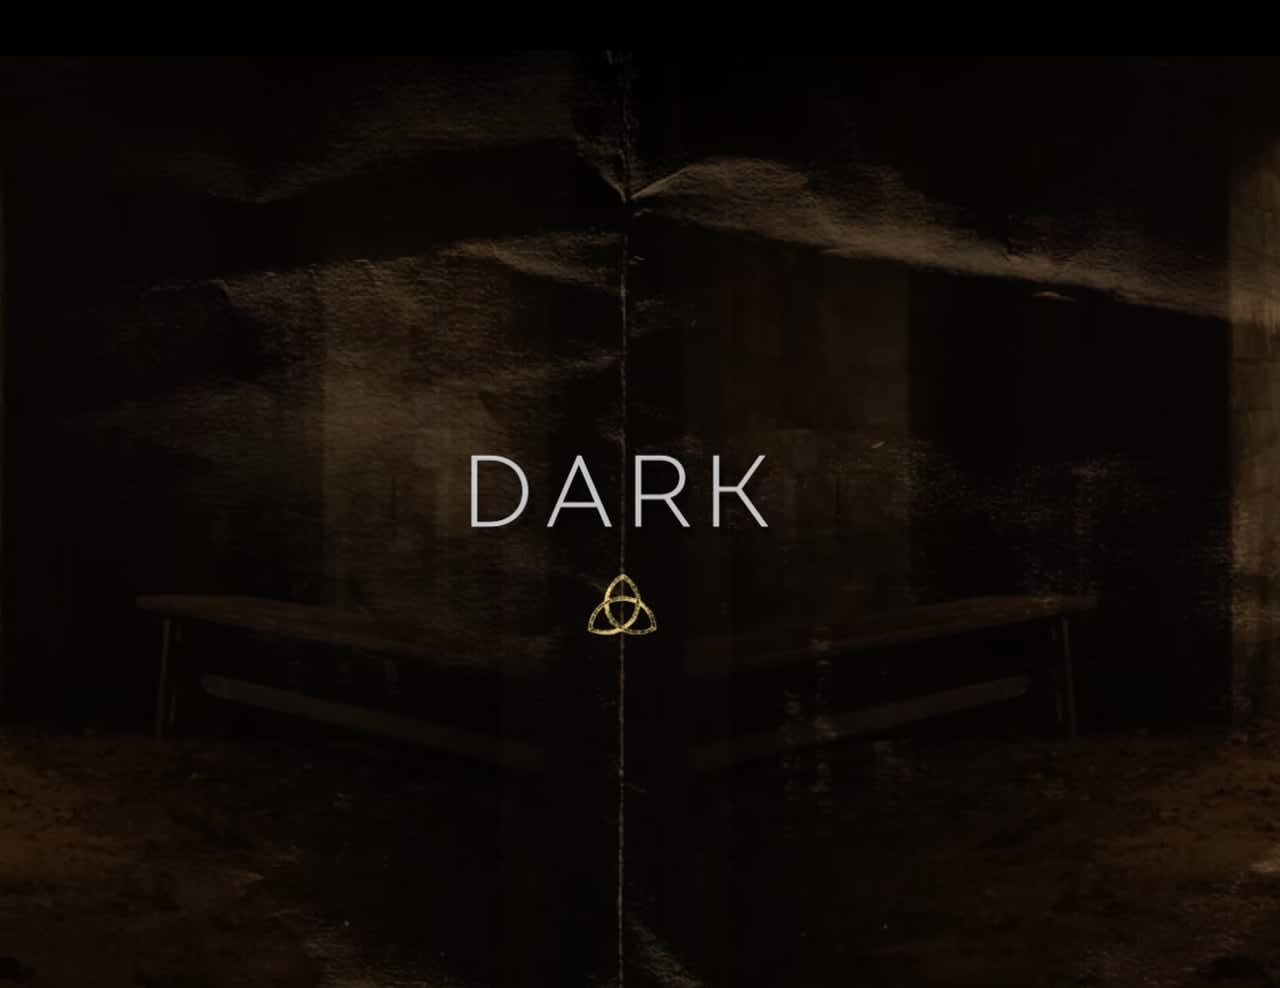 Dark 2017 Titles (unofficial) (fan-made)